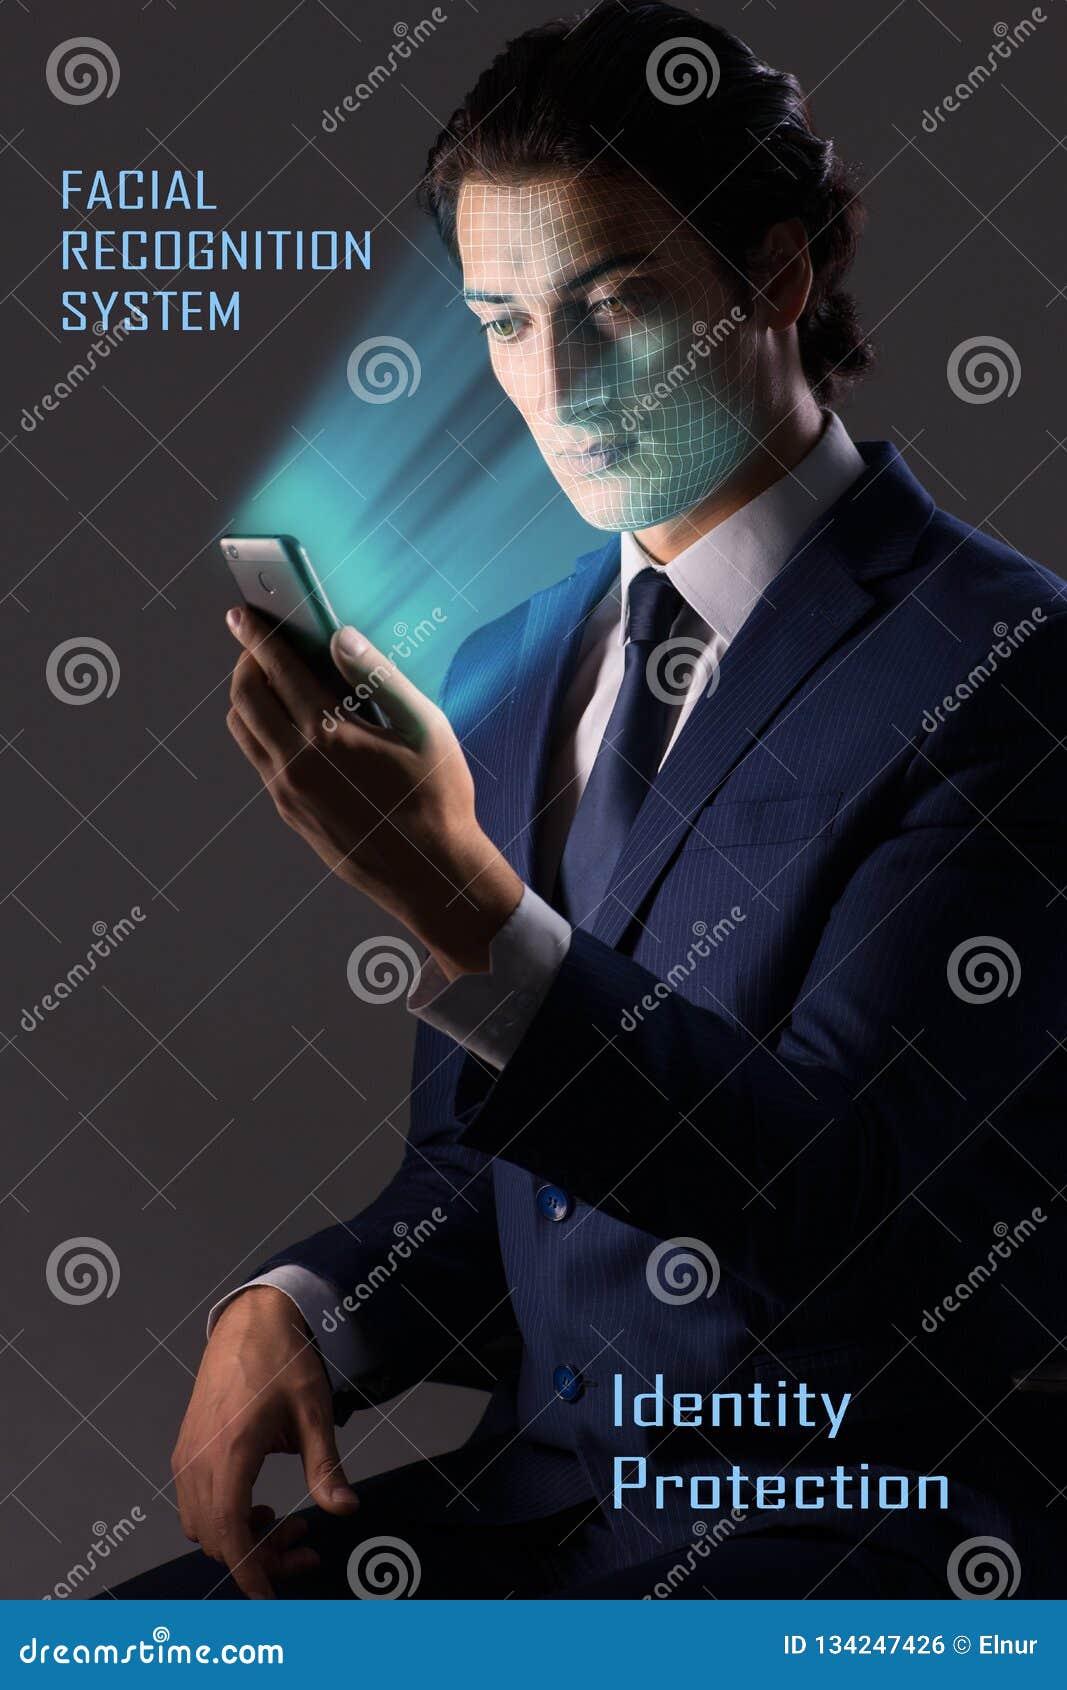 Das Konzept von Gesichtserkennungs-Software und -hardware